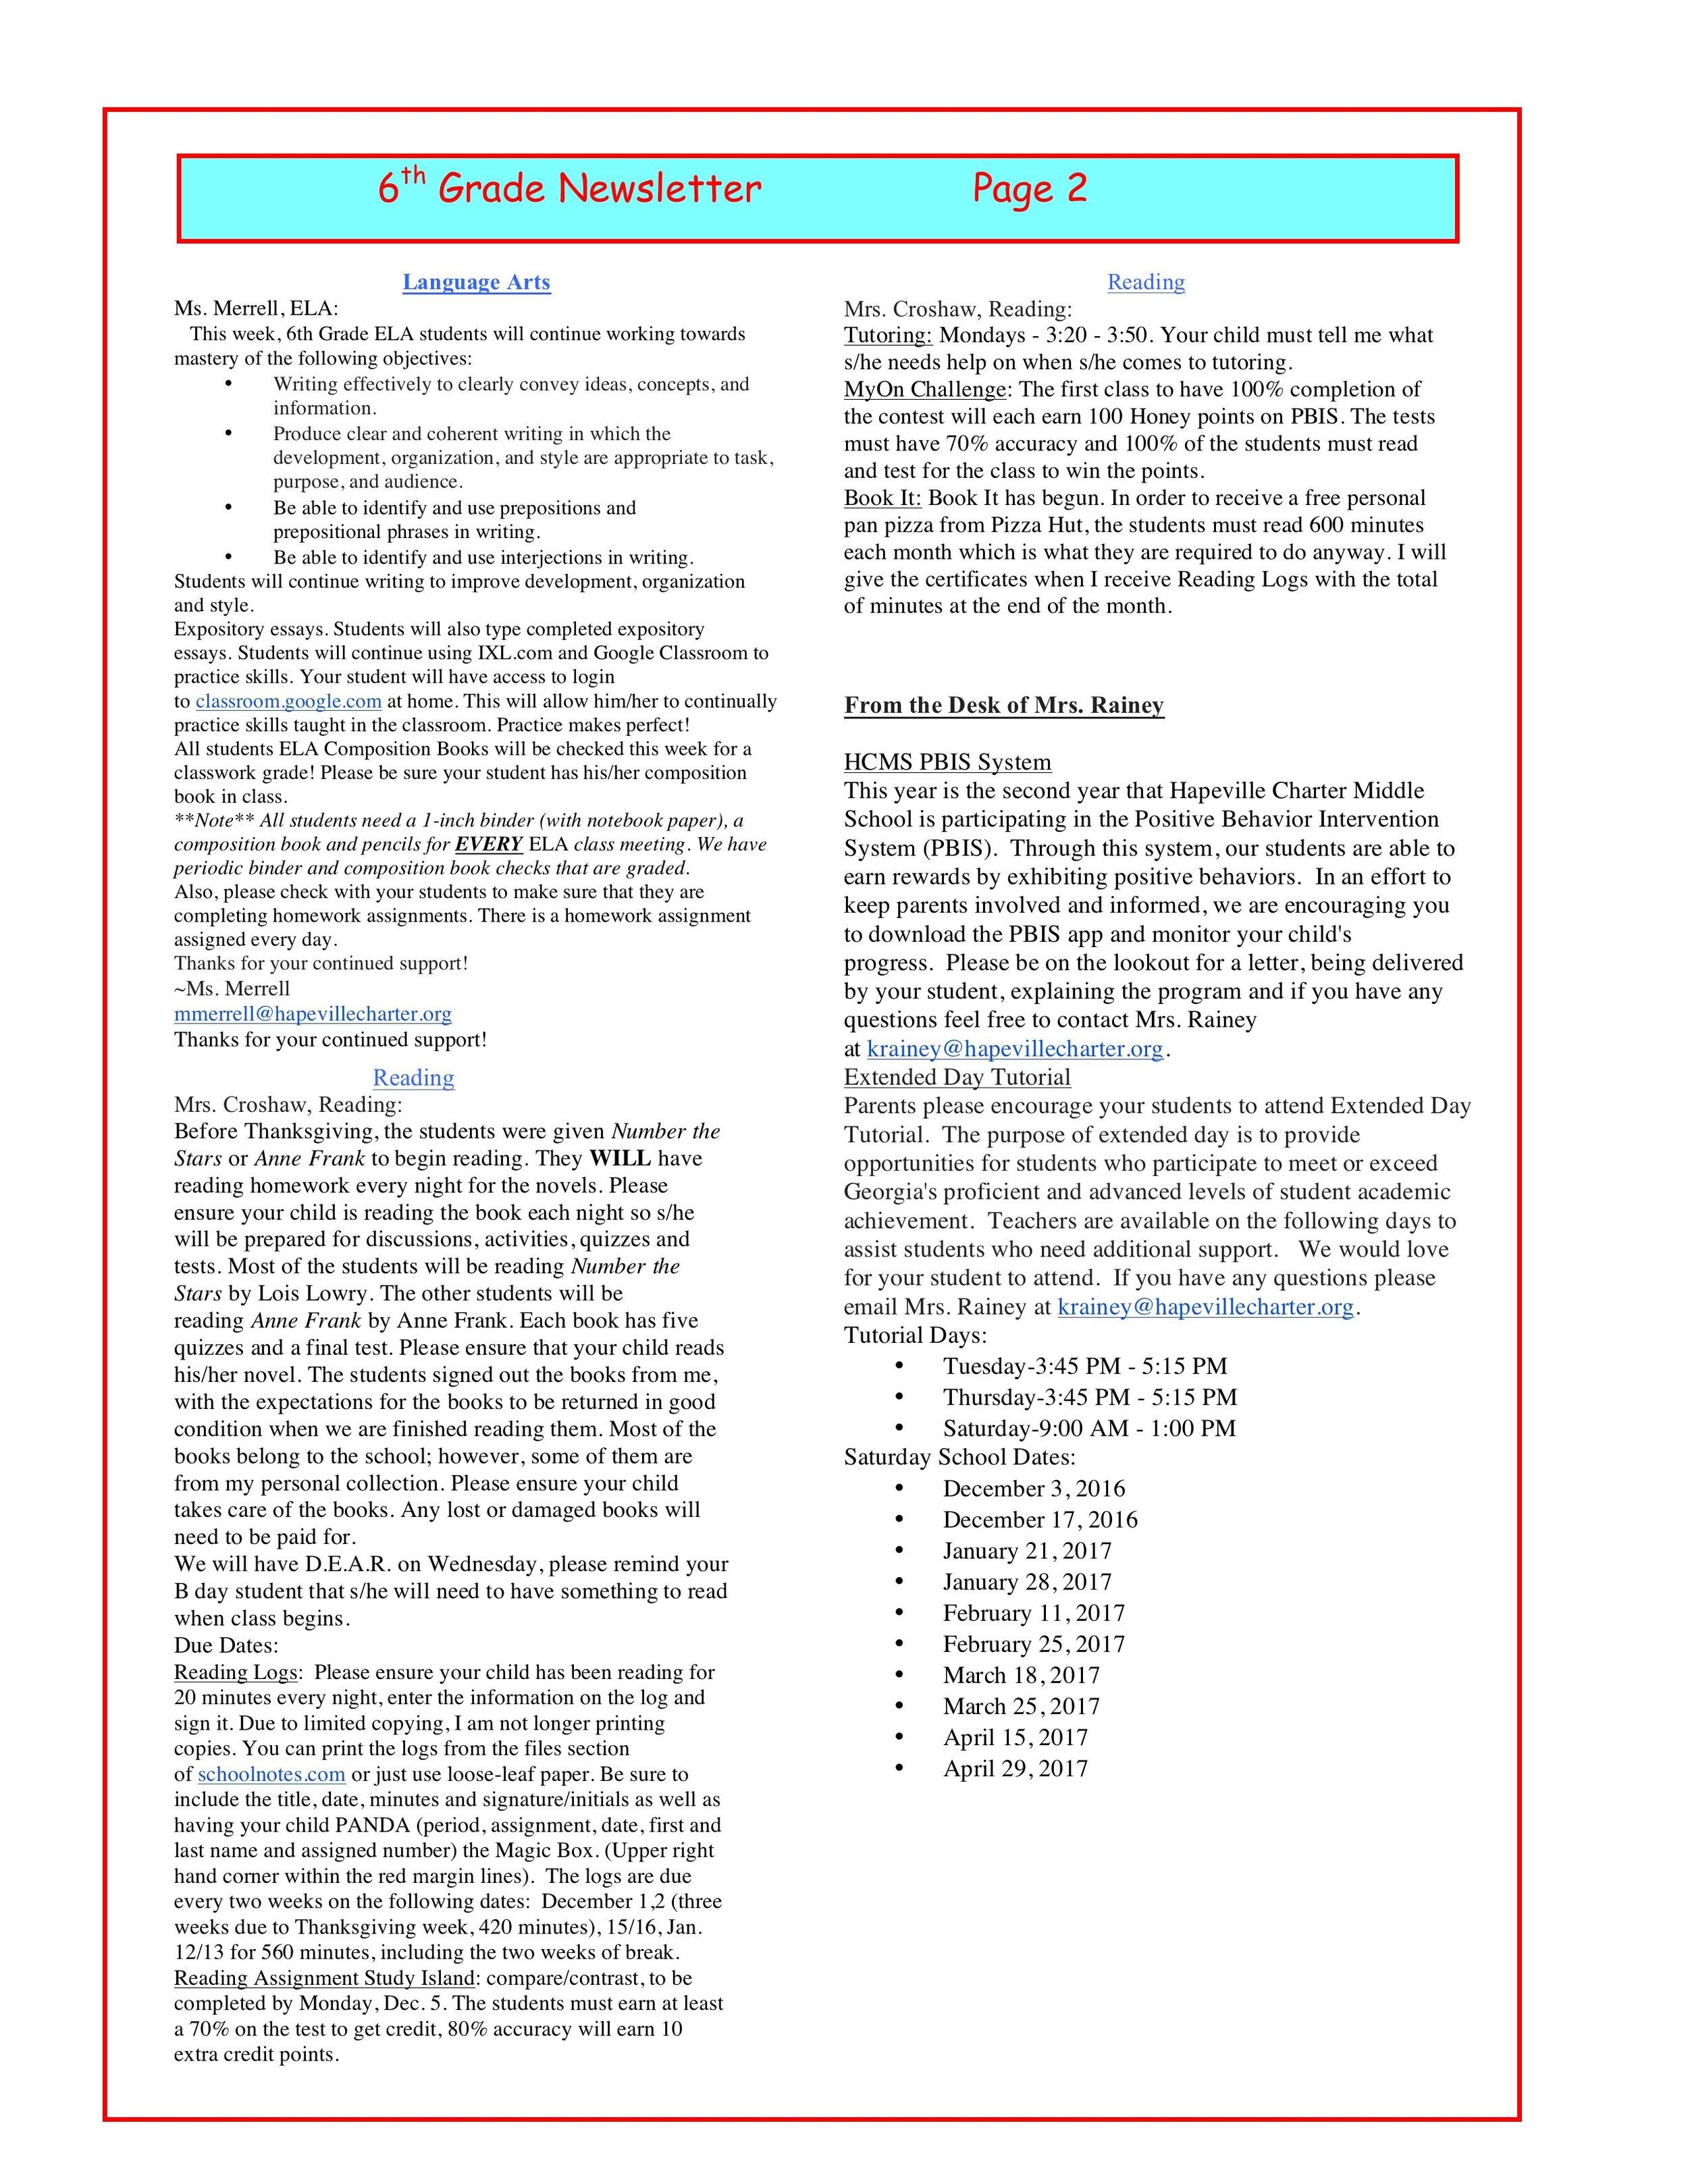 Newsletter Image6th Grade Newsletter 11-28 2.jpeg